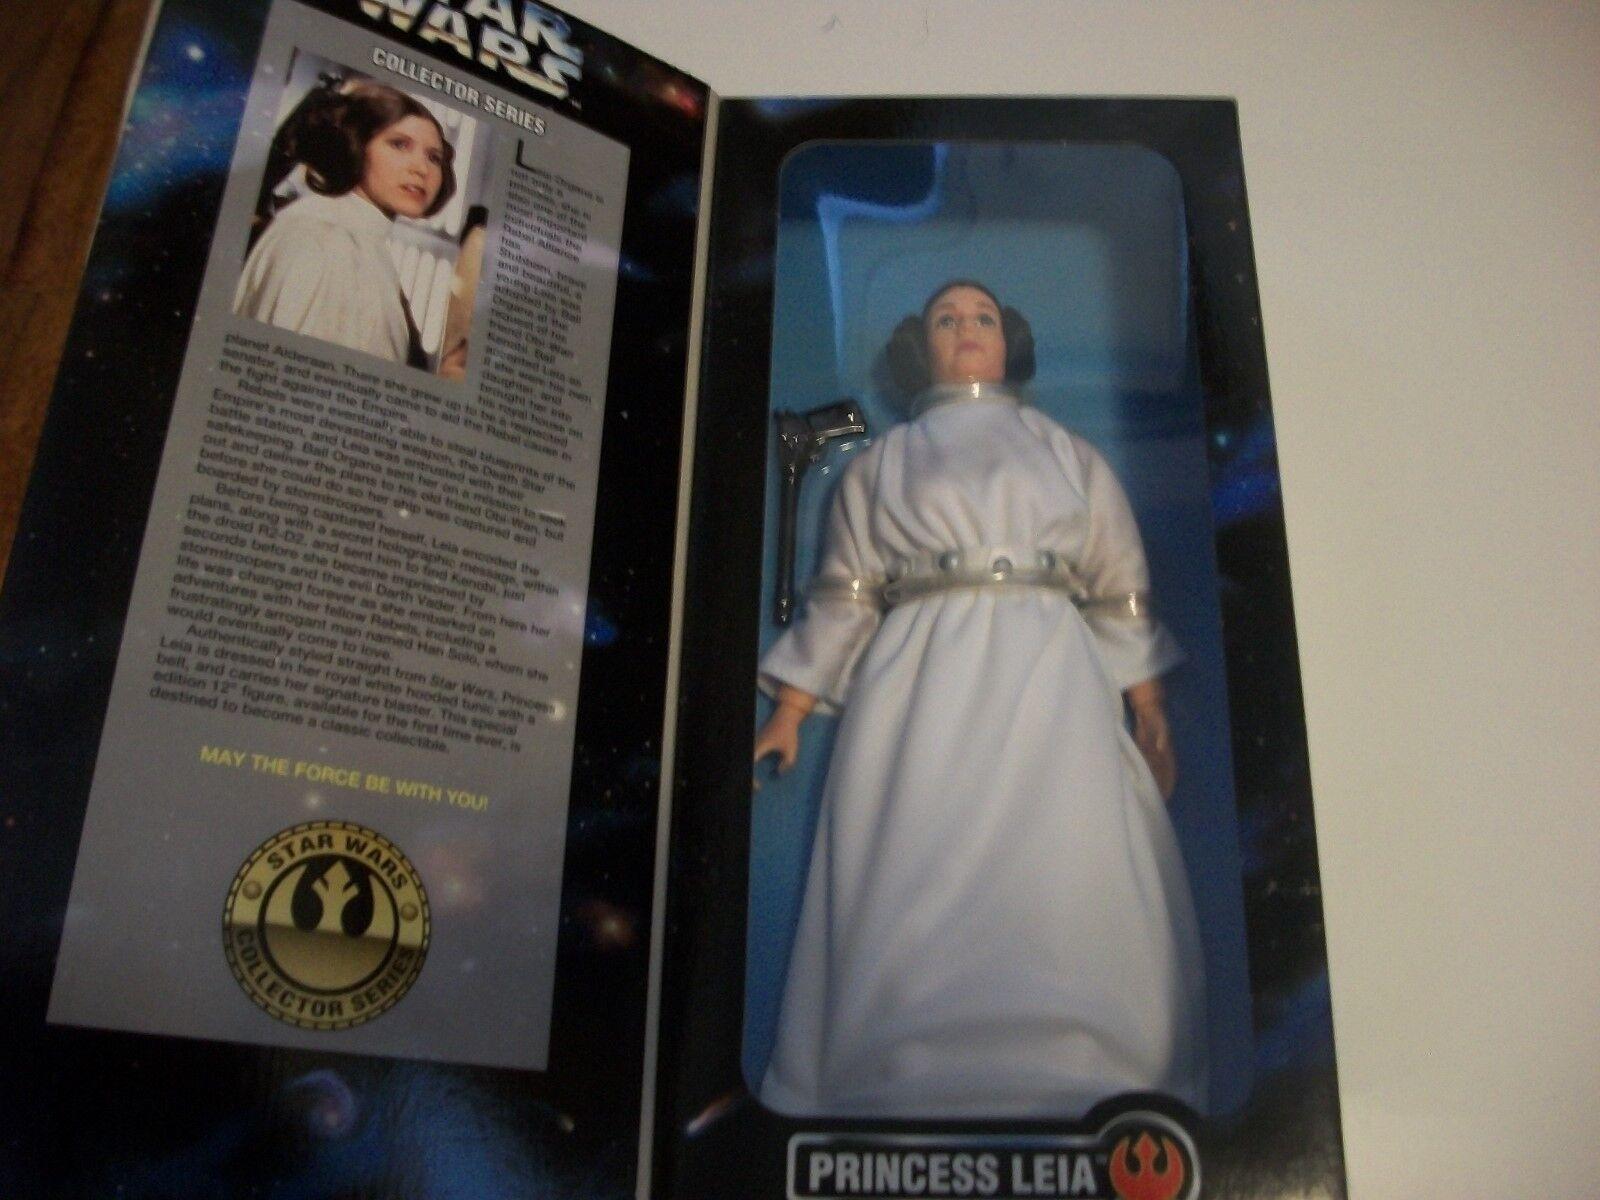 Star Wars Princesse Leia 12 in (environ 30.48 cm) Figure Kenner 1996 jamais retiré de la boîte